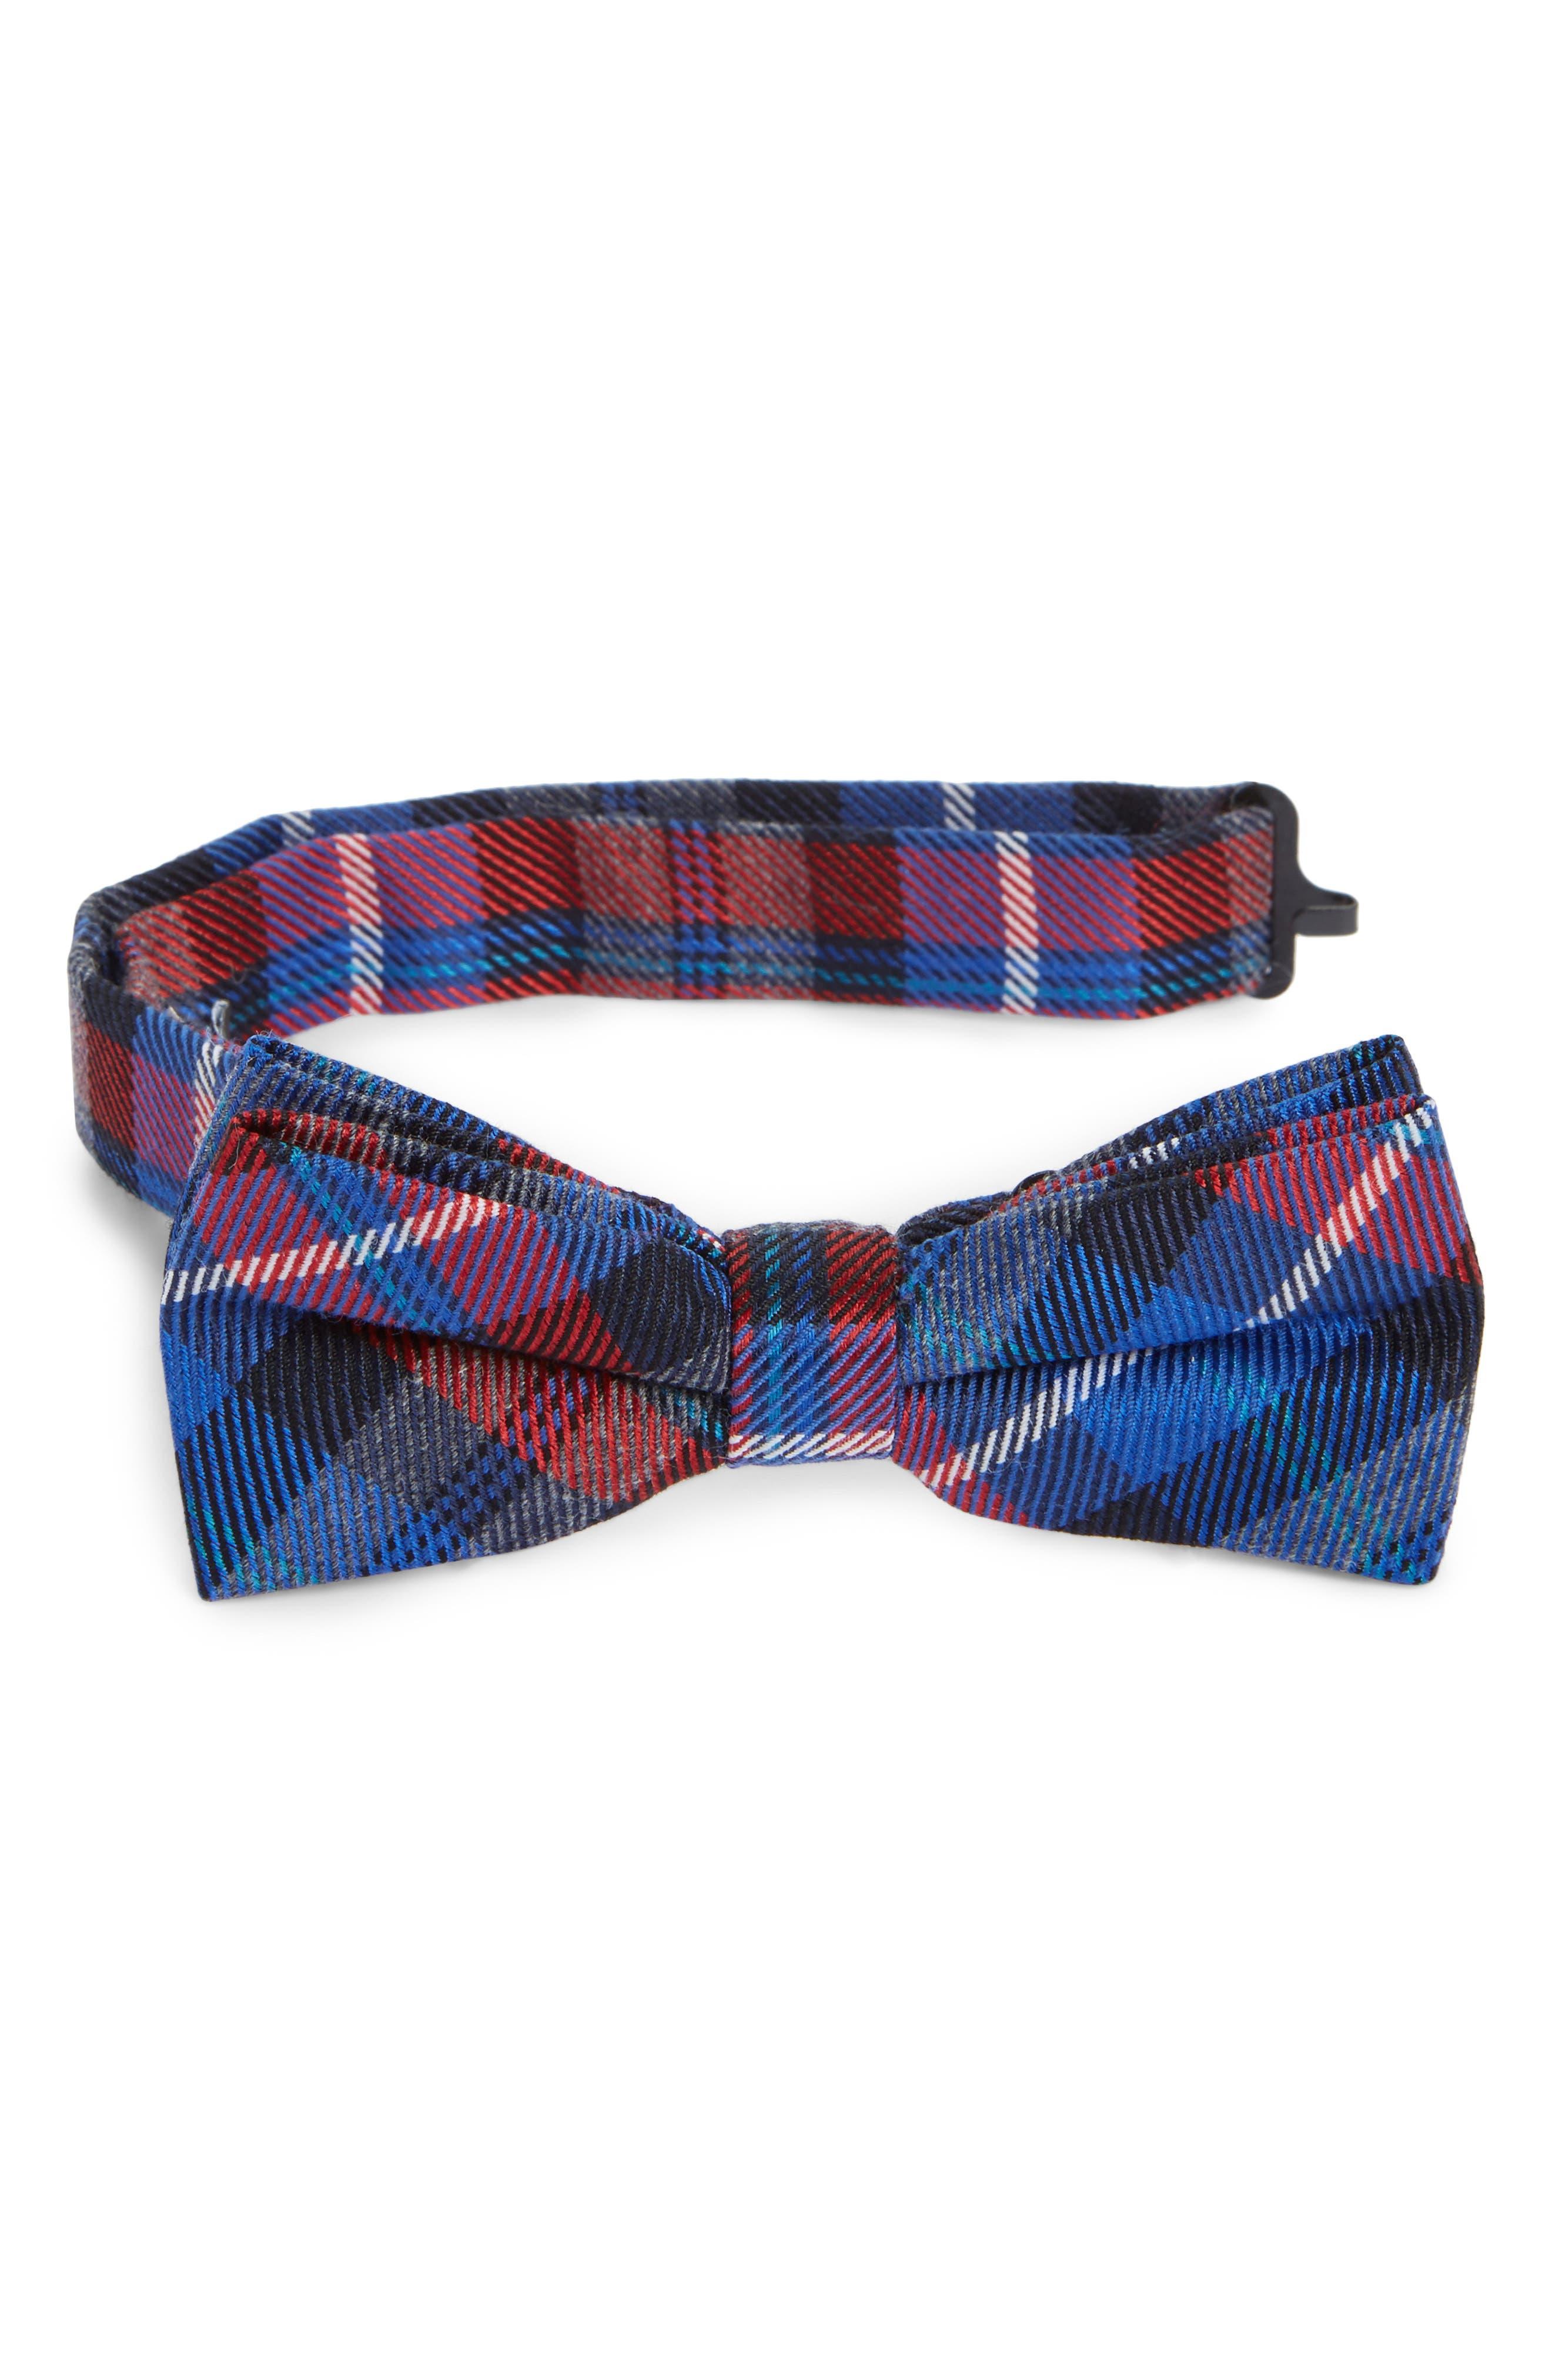 Plaid Bow Tie,                             Main thumbnail 1, color,                             600